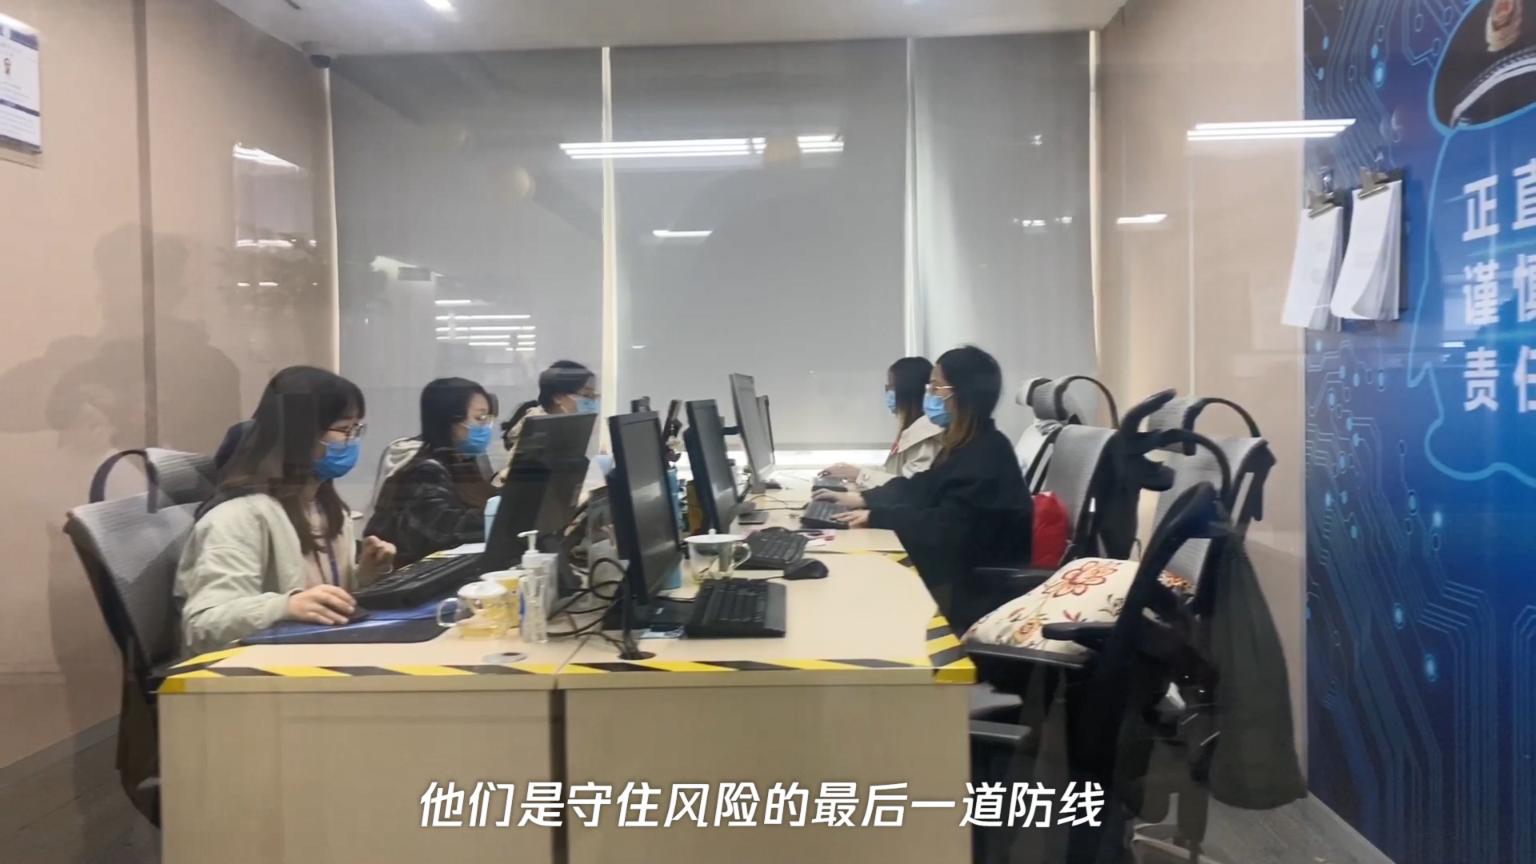 {腾讯科技(深圳)有限公司 } 公司照片